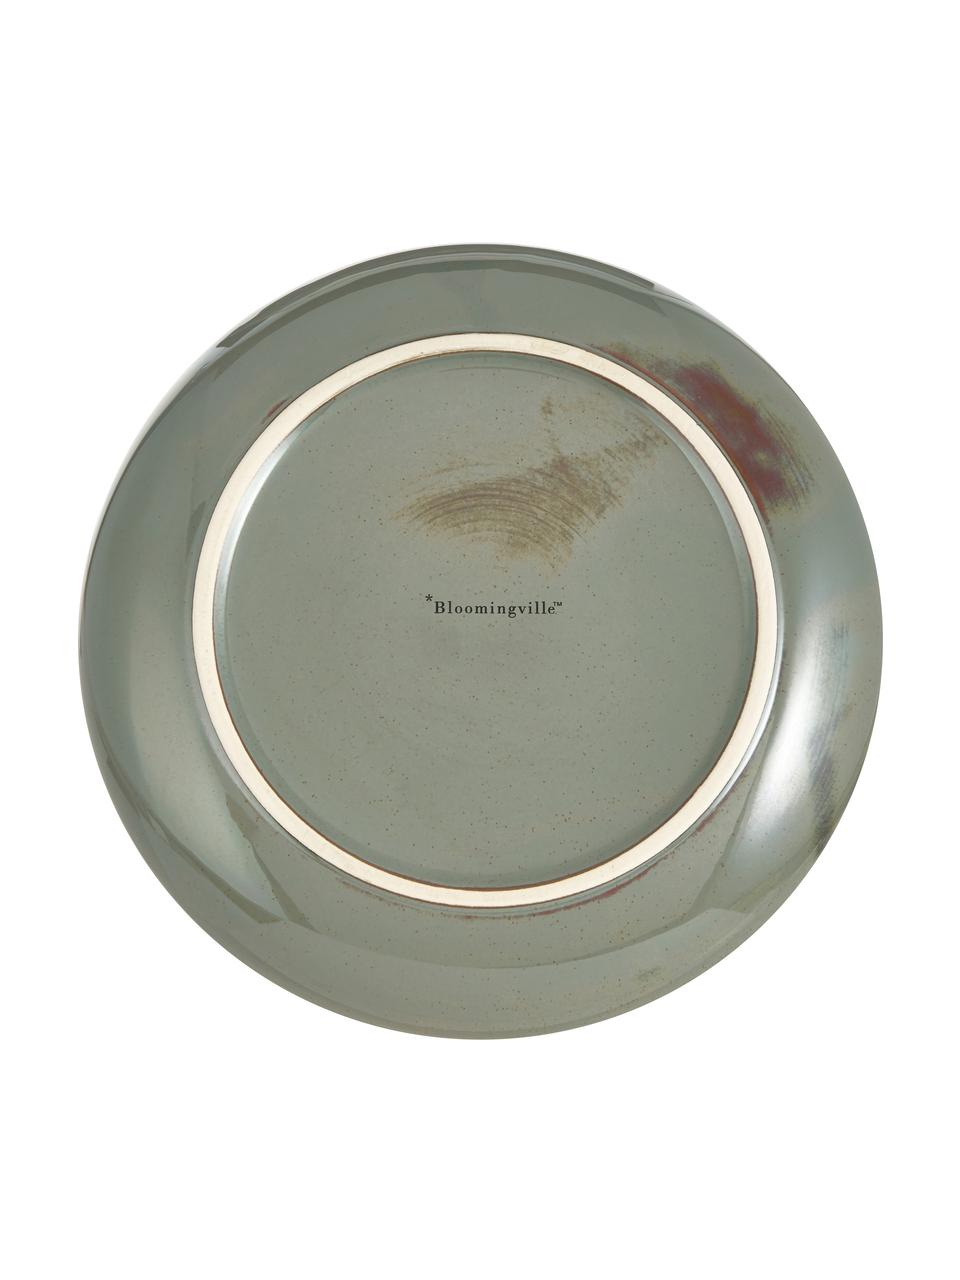 Servierschale Pixie aus Steingut, Ø 28 cm, Steingut, Grüntöne, Ø 28 x H 7 cm